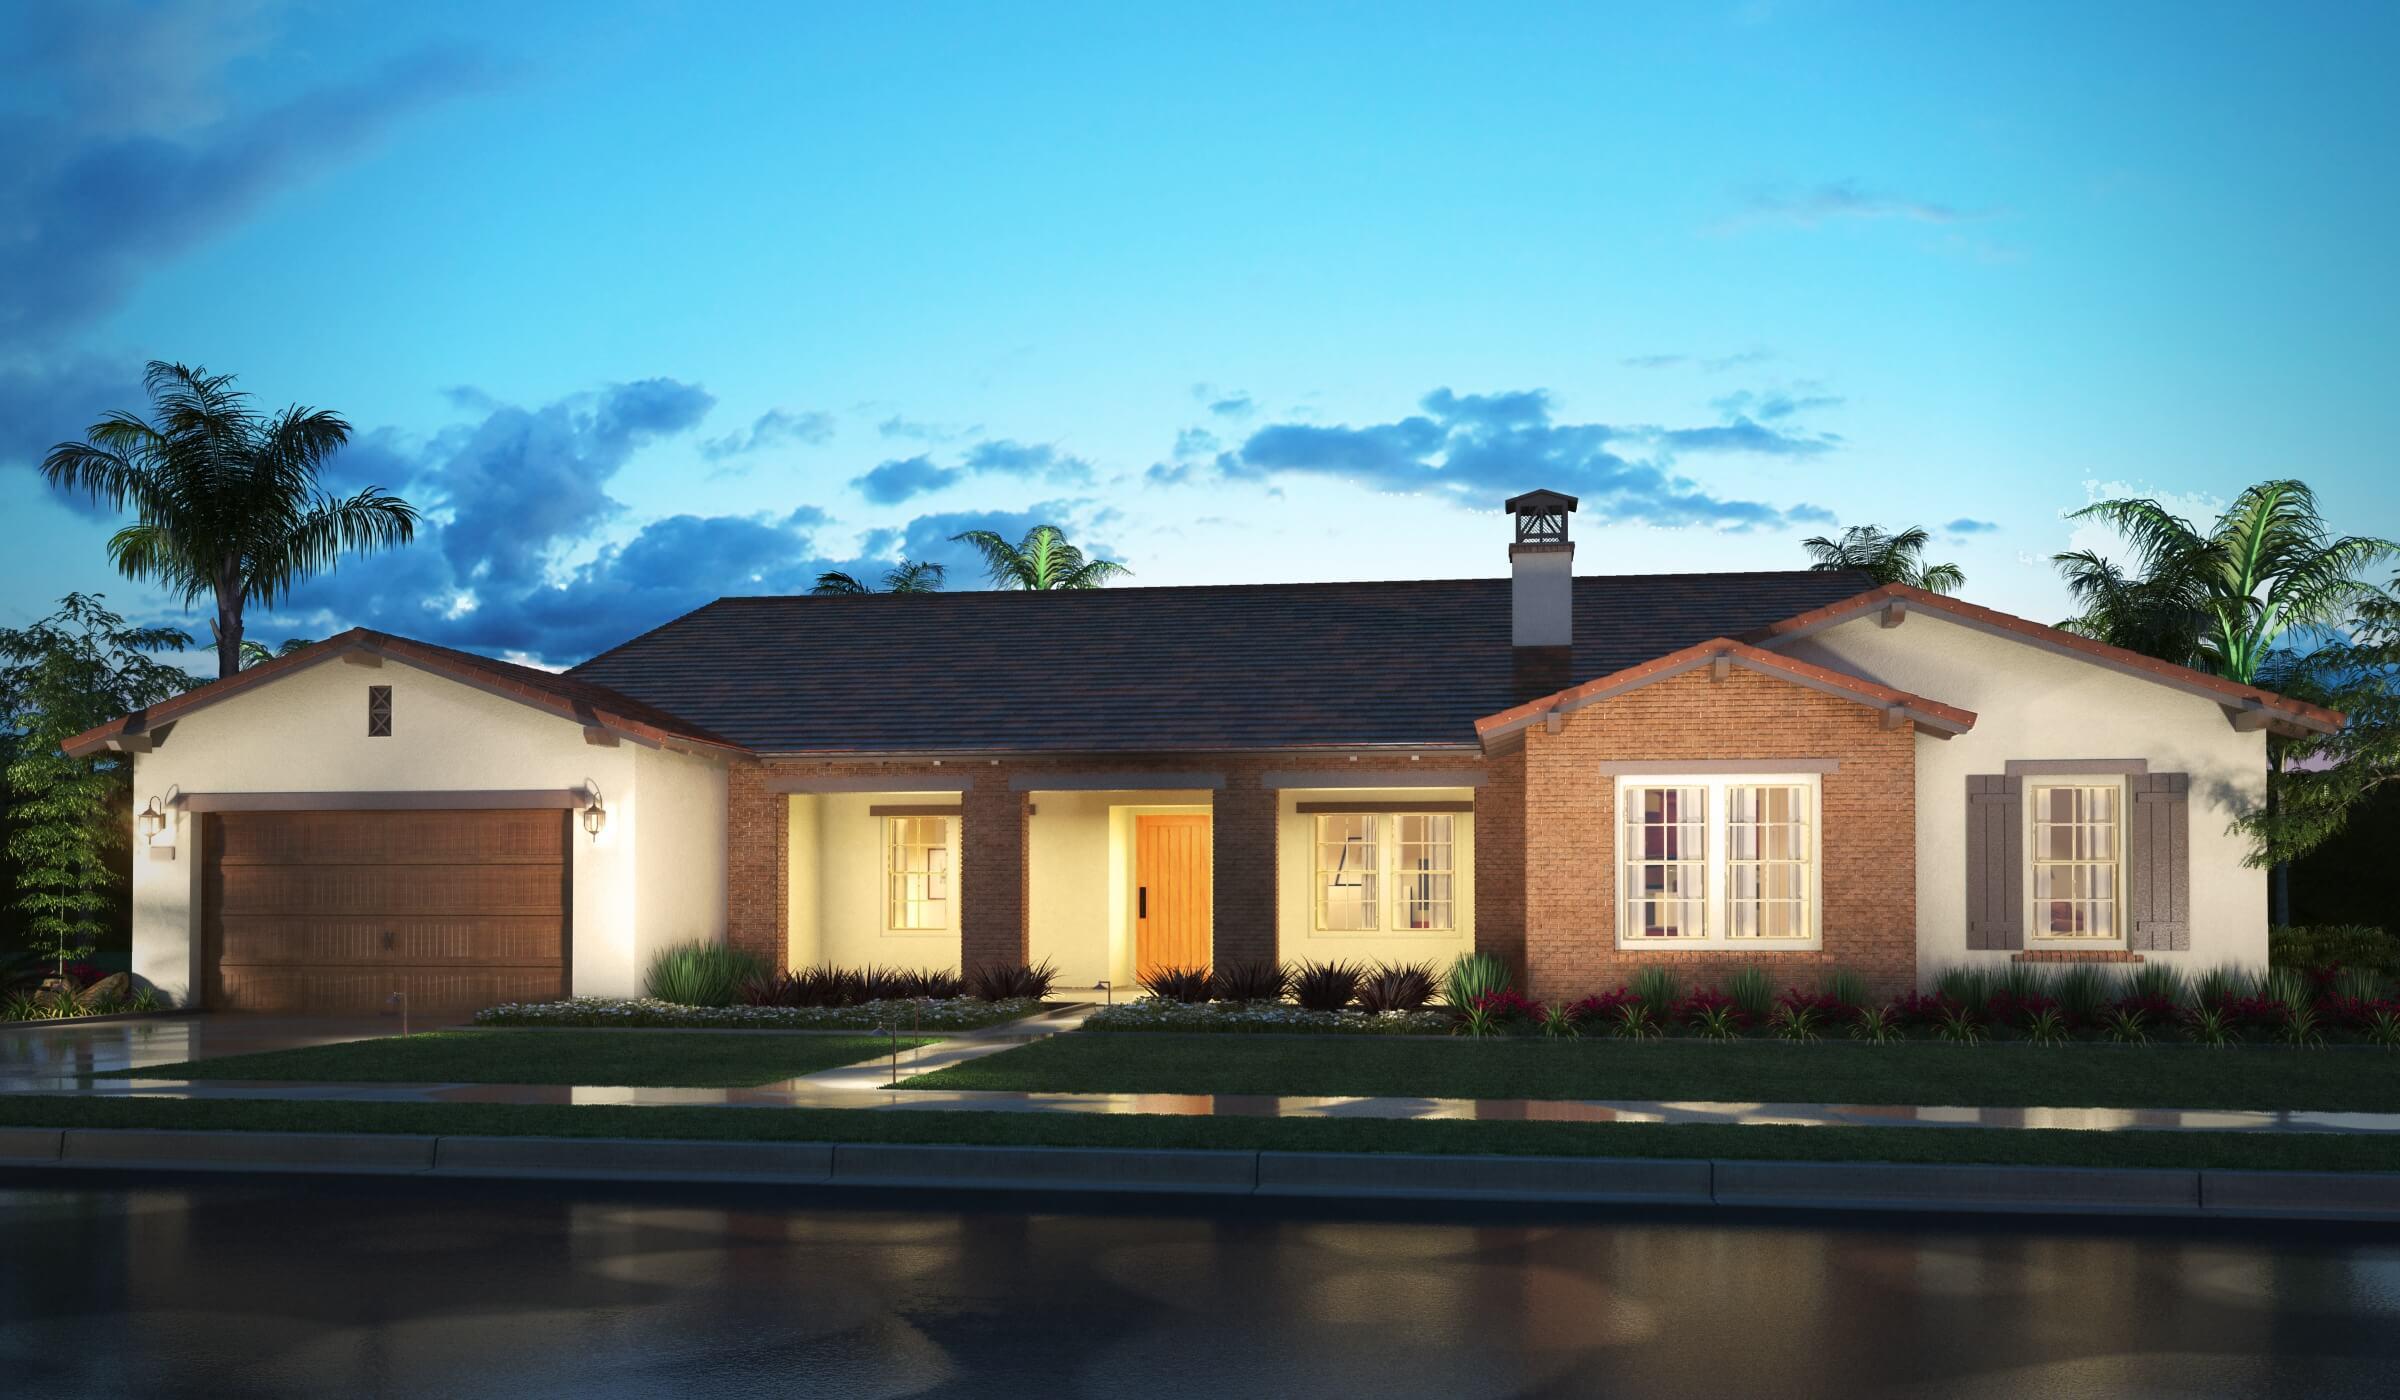 Additional photo for property listing at La Colina Estates - Residence 4 1203 Iris Lane Glendora, California 91741 United States